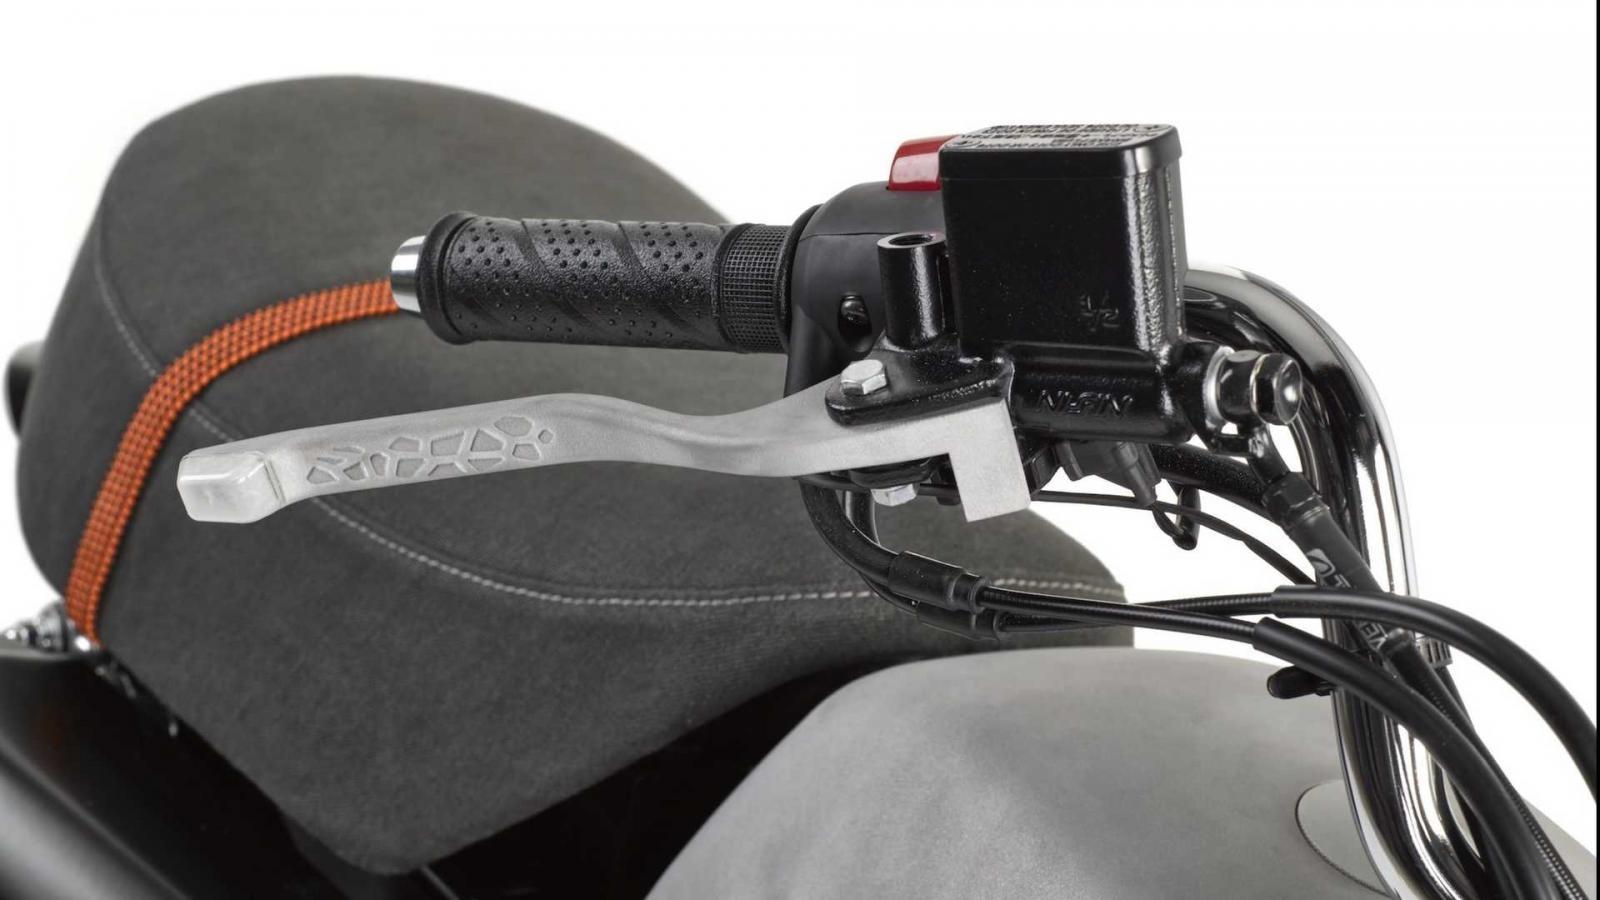 Tay côn tay phanh có thiết kế rỗng, cho phép luồn dây để tích hợp đèn xinhan